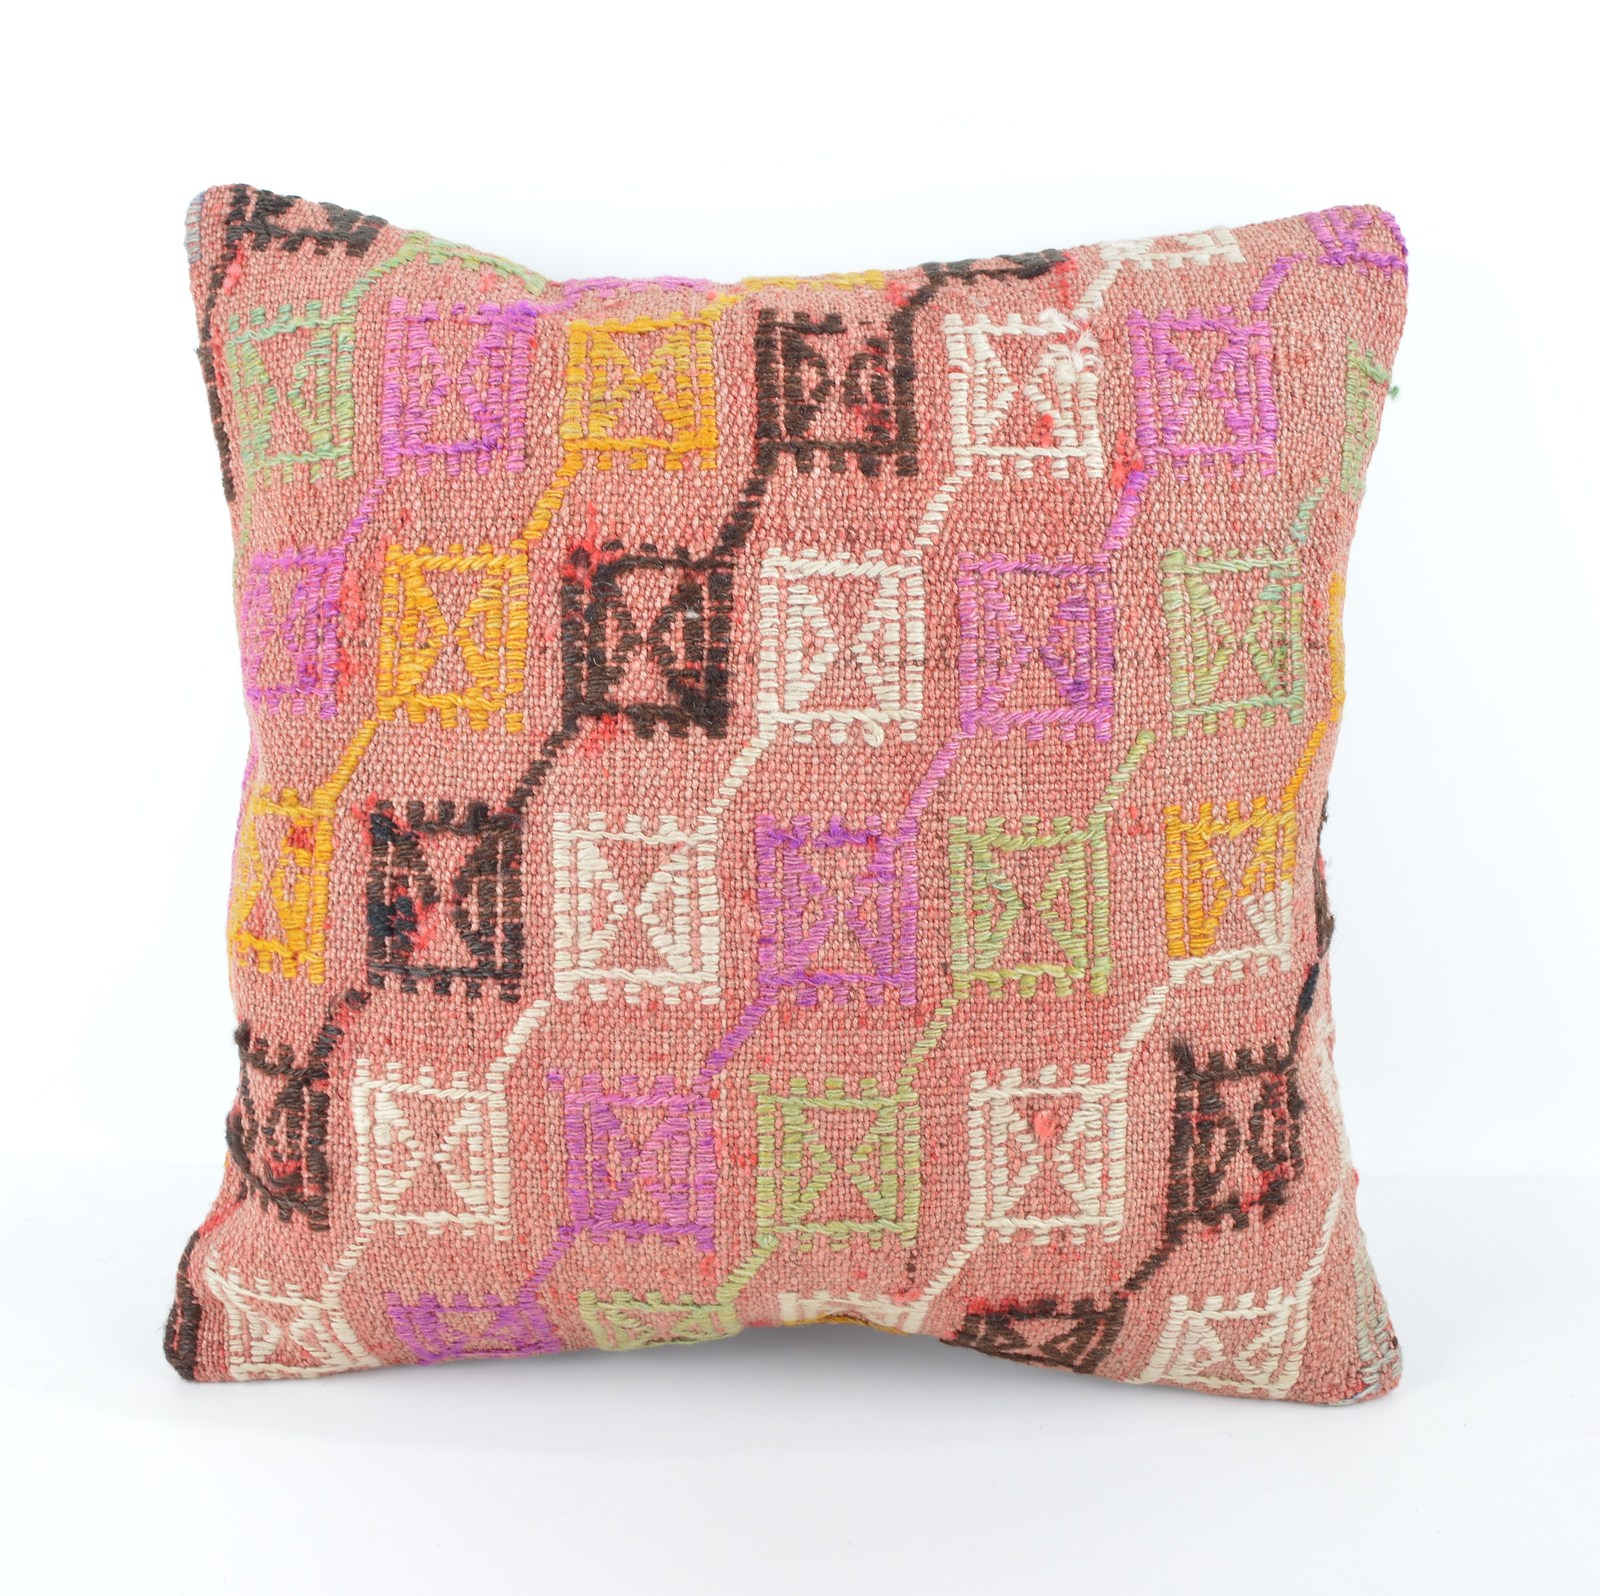 kilim,throw pillow kilim,bohemian decor,throw pillow,decorative throw pillows16 - Pillows